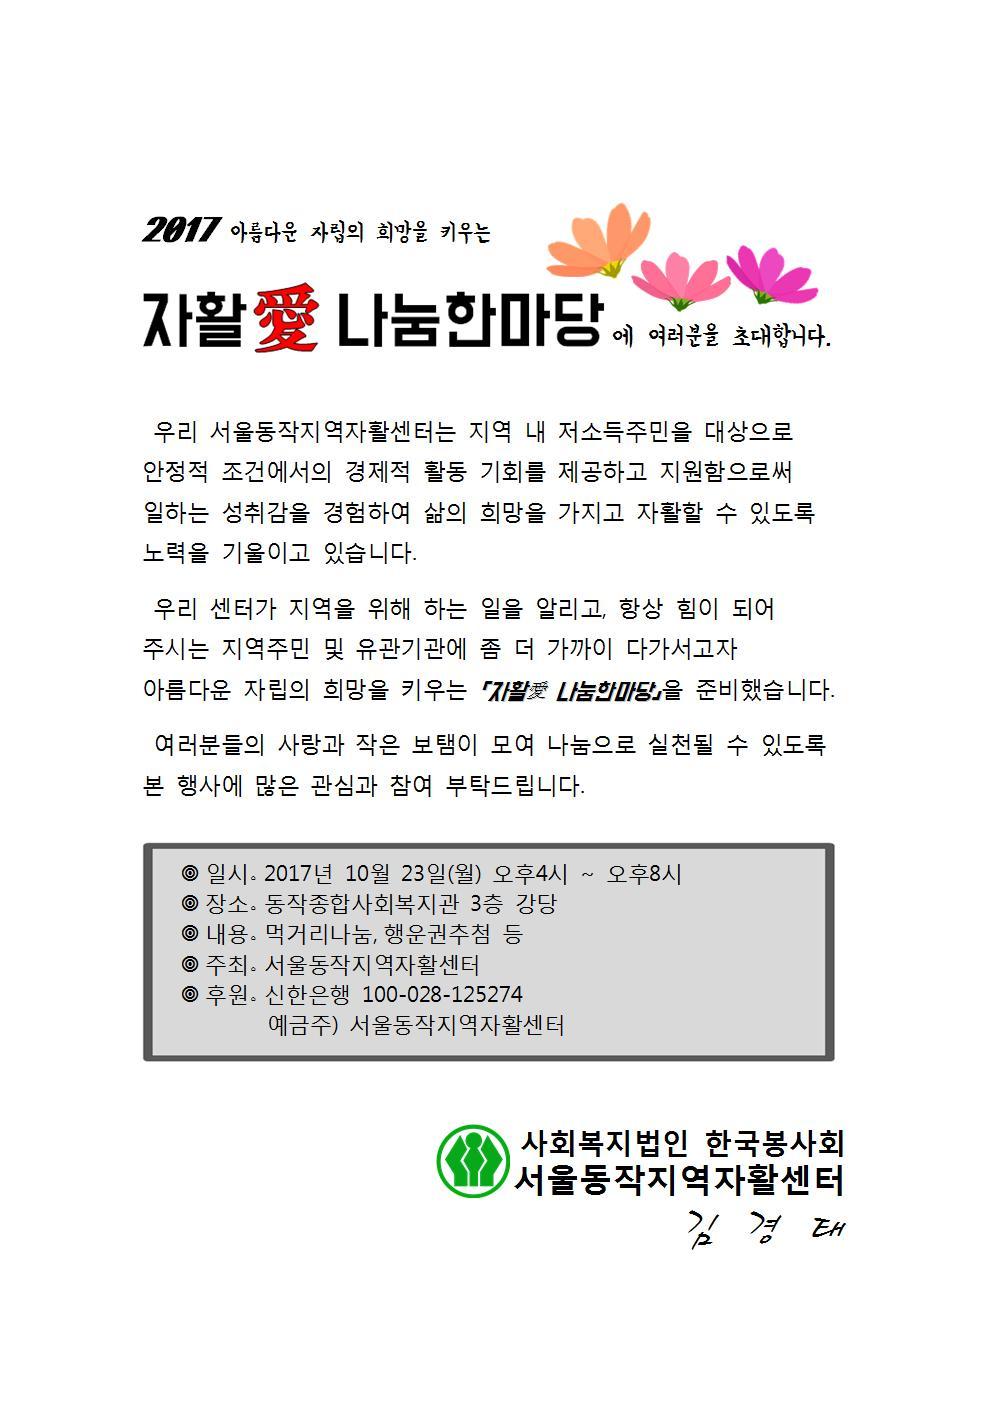 2017년 자활愛 나눔한마당 안내